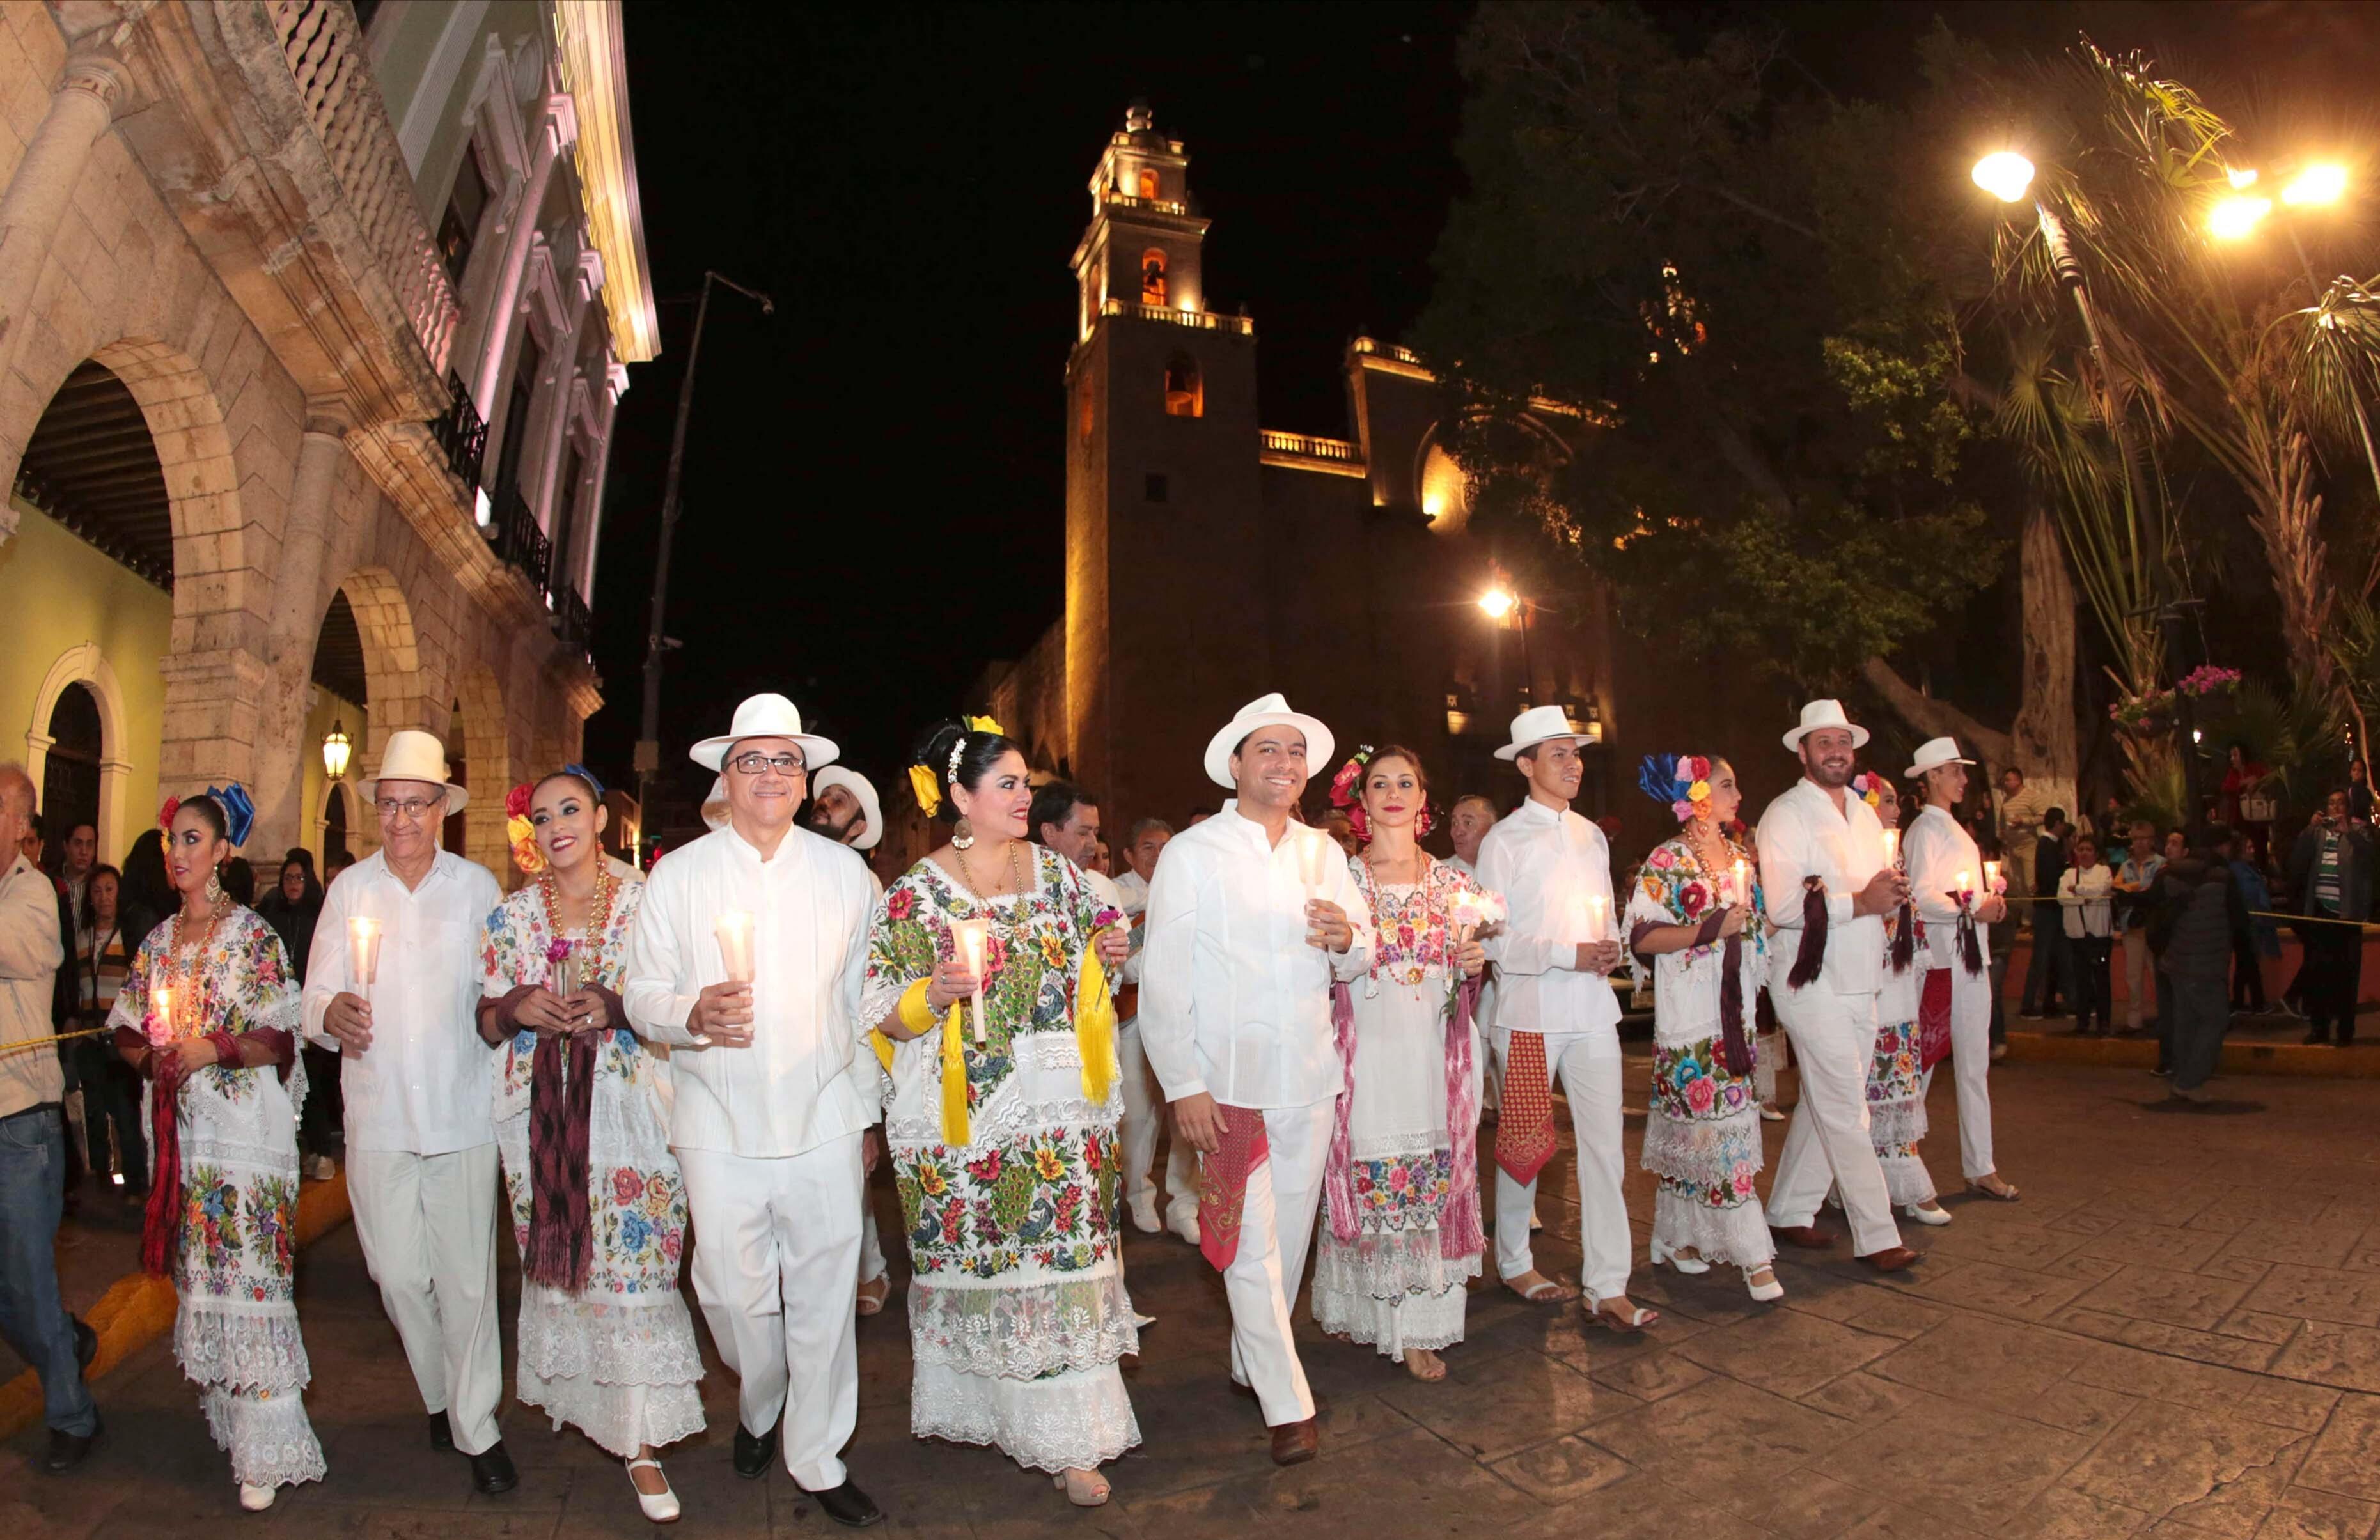 Cantan y festejan a Mérida con alborada